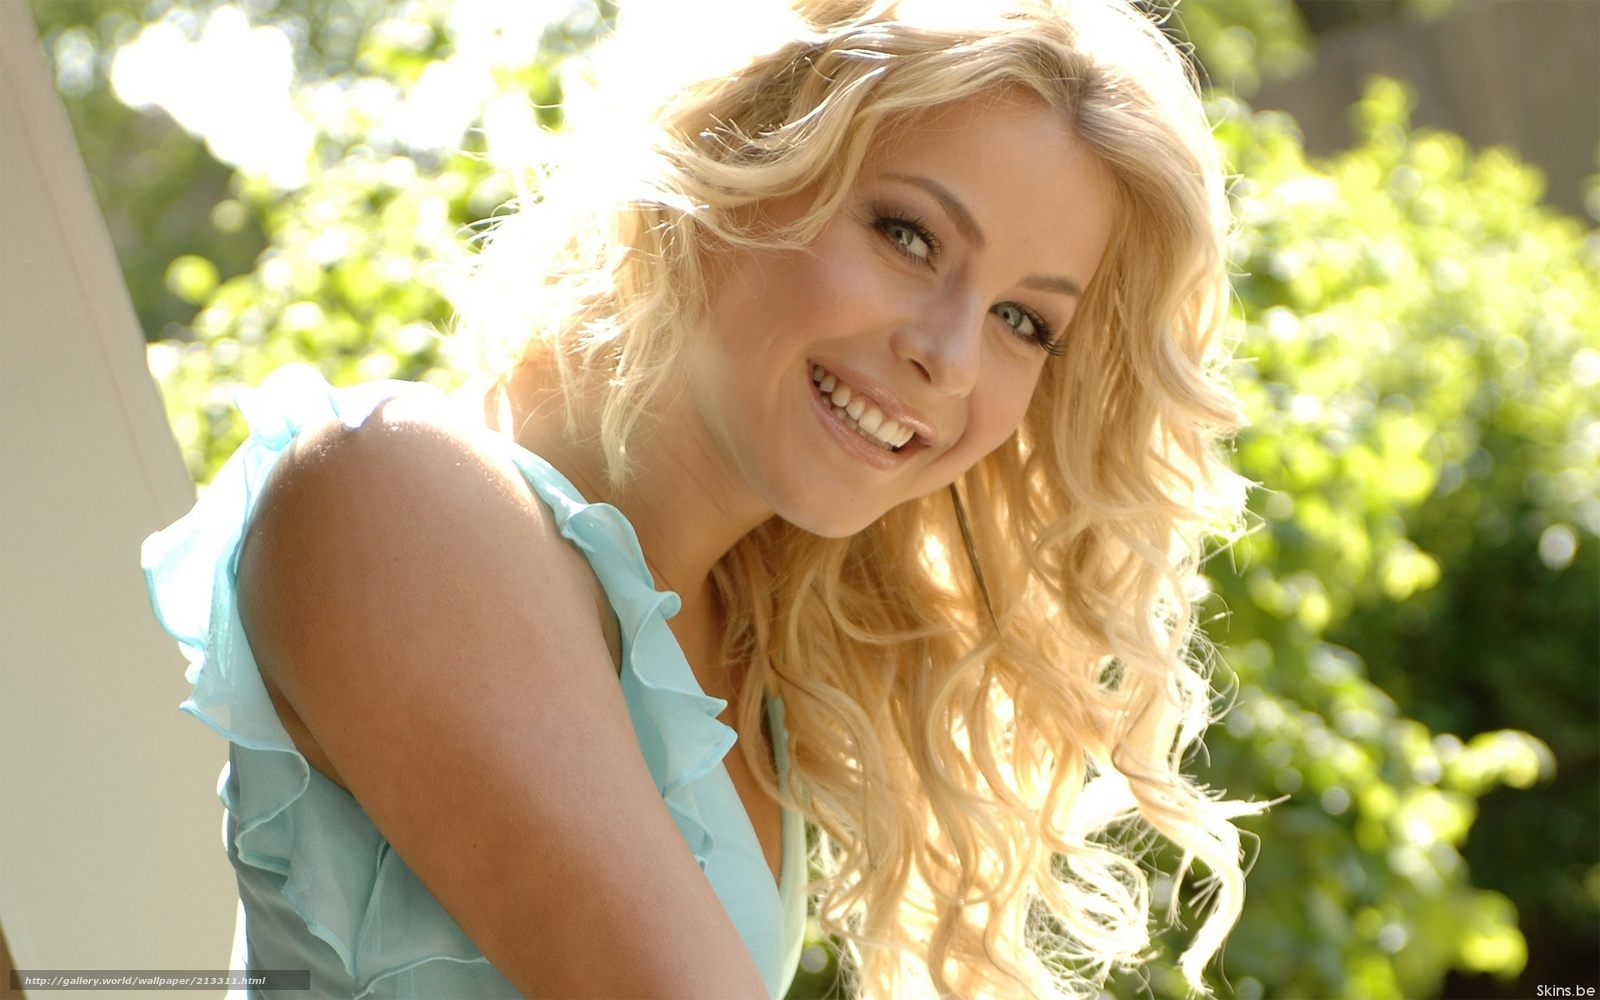 Фотографии красивой девушки блондинки много чтобы было одно лицо 10 фотография